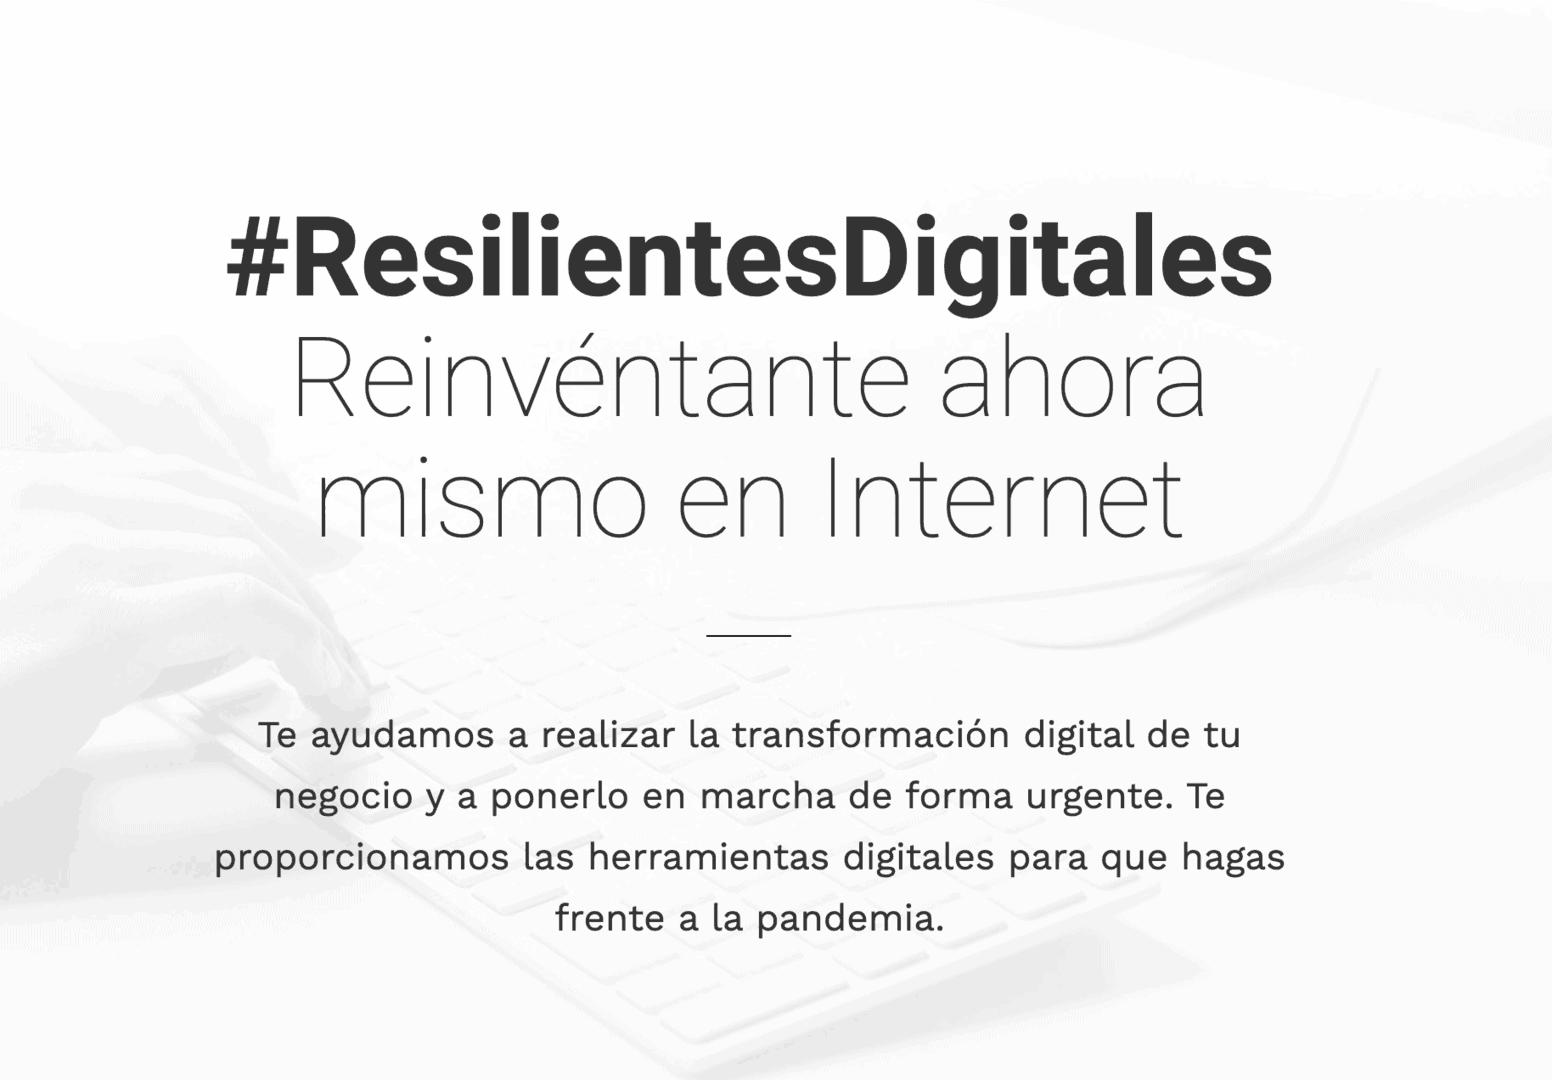 Resilientes Digitales. Digitalización de Empresas en Tiempos de Coronavirus Pandemia